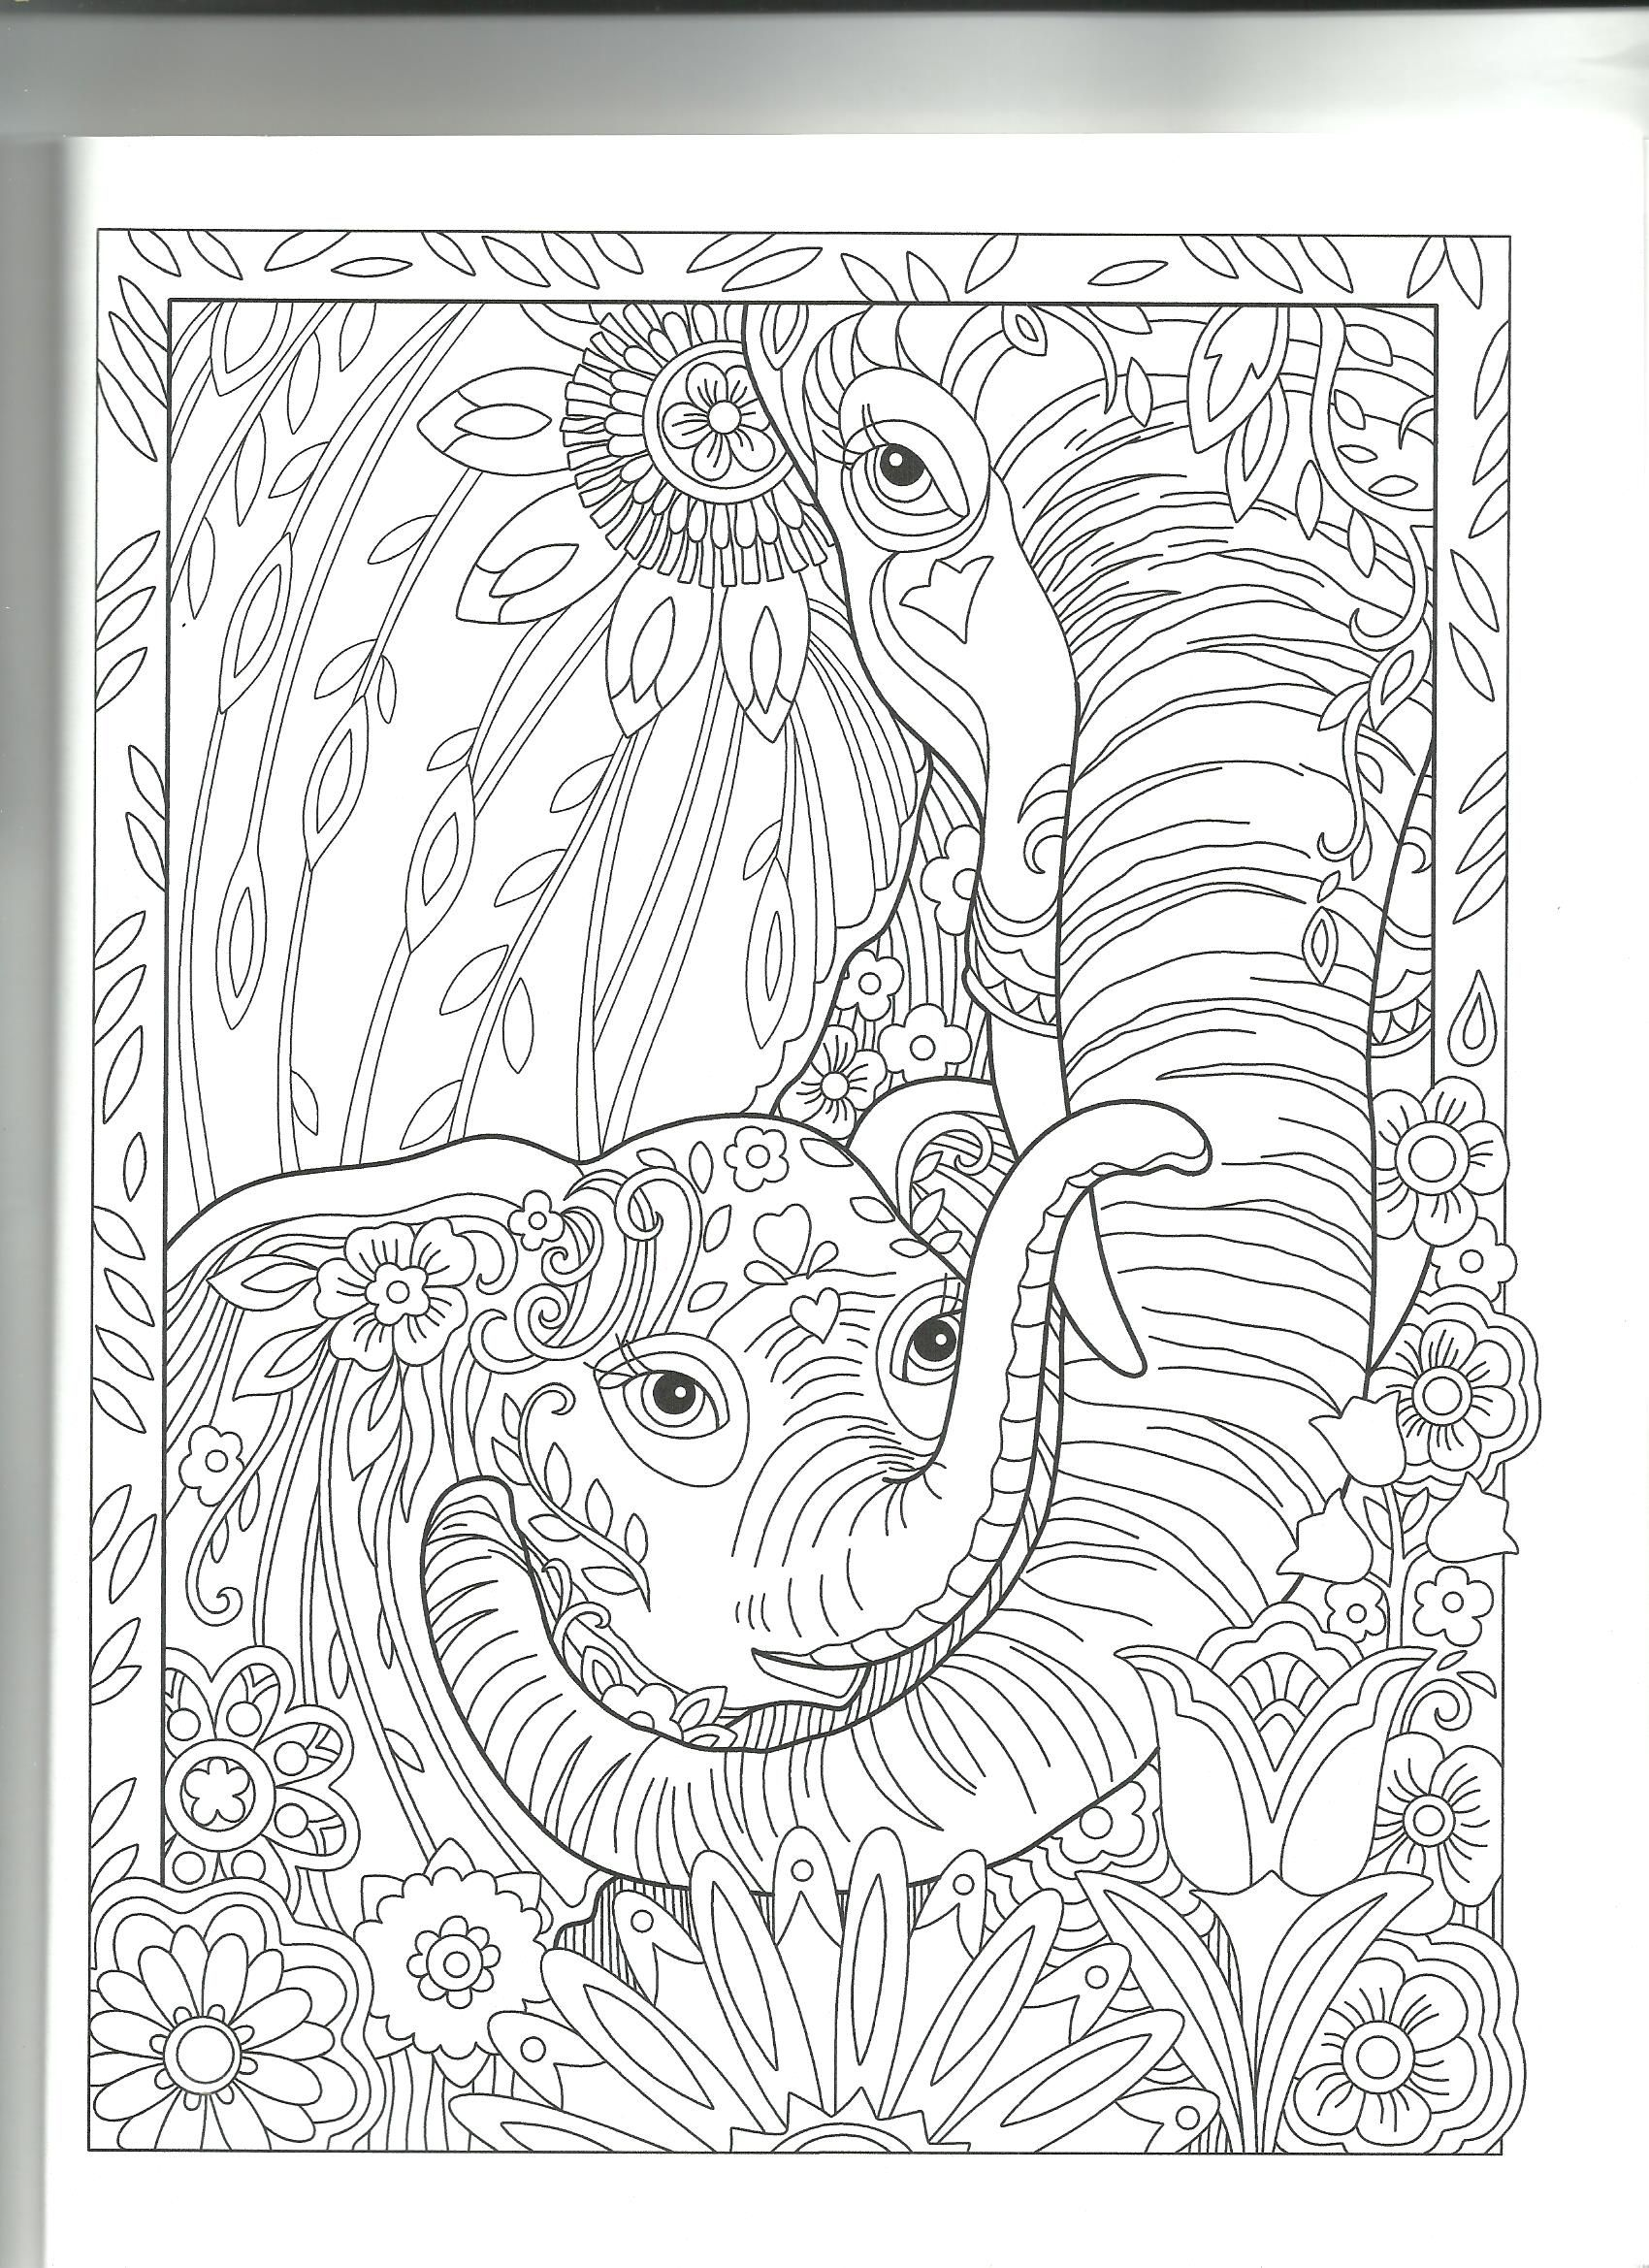 Pin de Walter Casas en Dibujos | Pinterest | Mandalas, Colorear y Dibujo